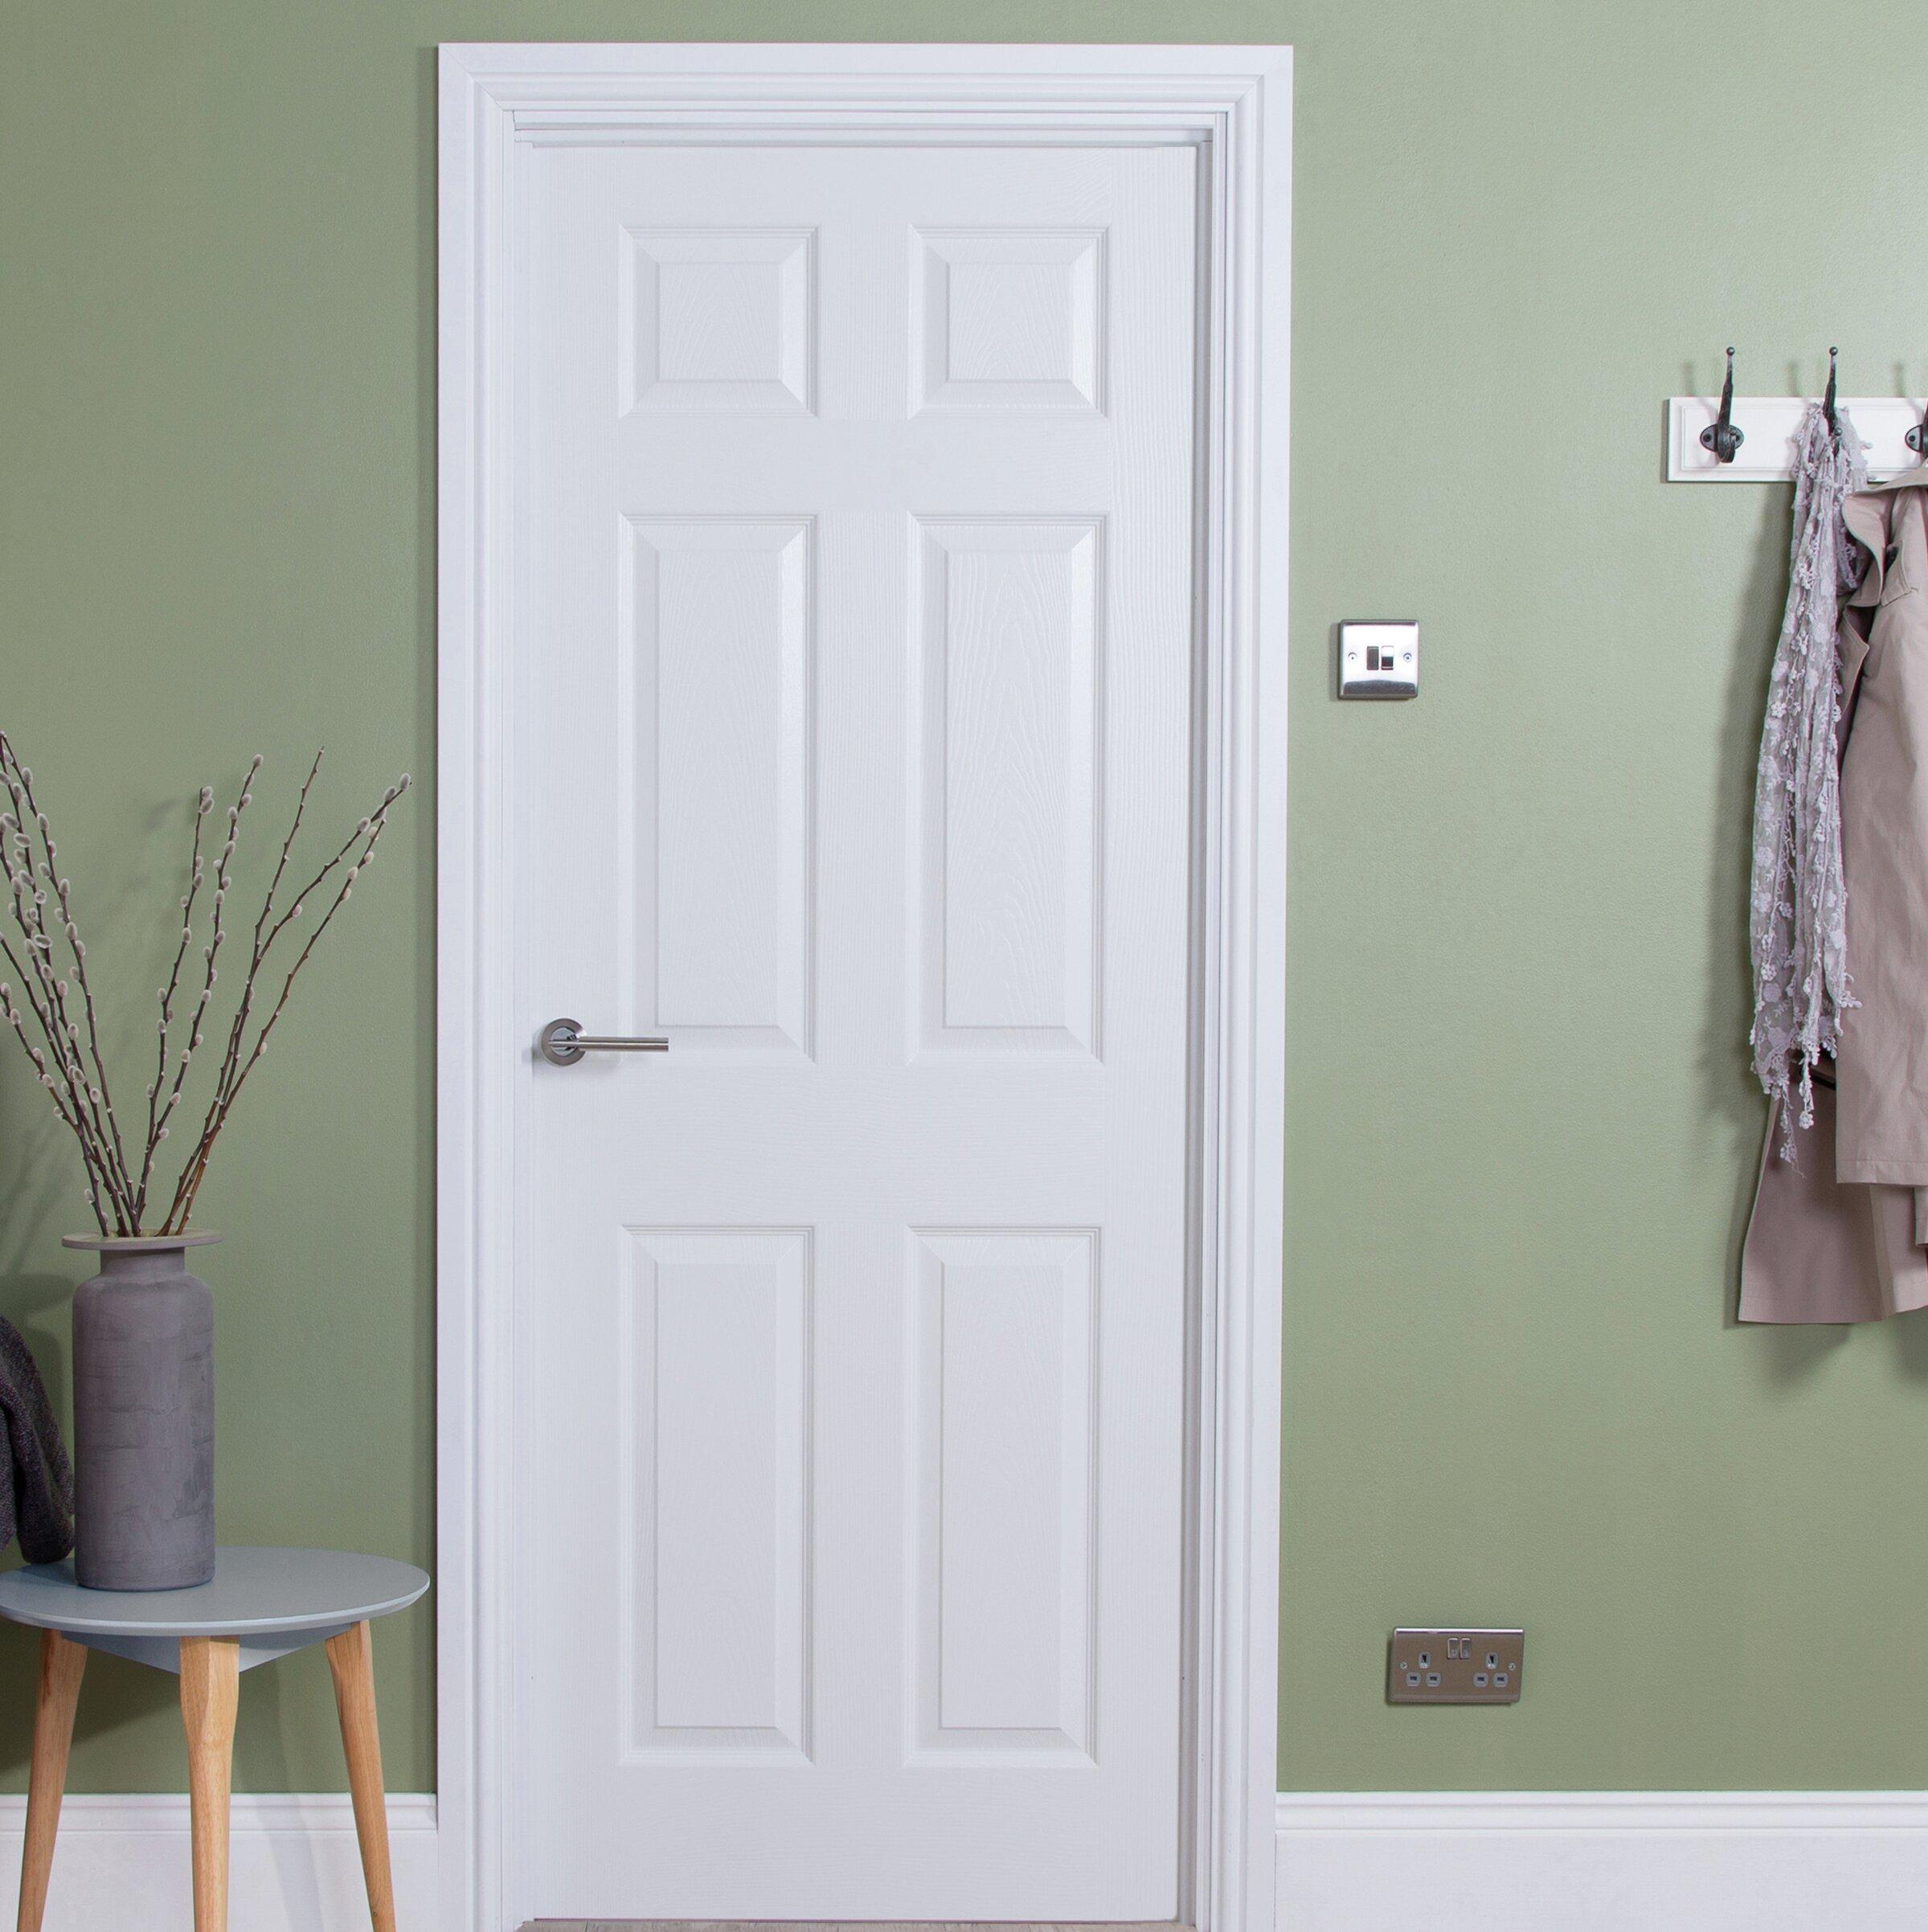 Jeld Wen Bostonian Hollow Panelled MDF Slab Internal Door | Wayfair.co.uk & Jeld Wen Bostonian Hollow Panelled MDF Slab Internal Door | Wayfair ...